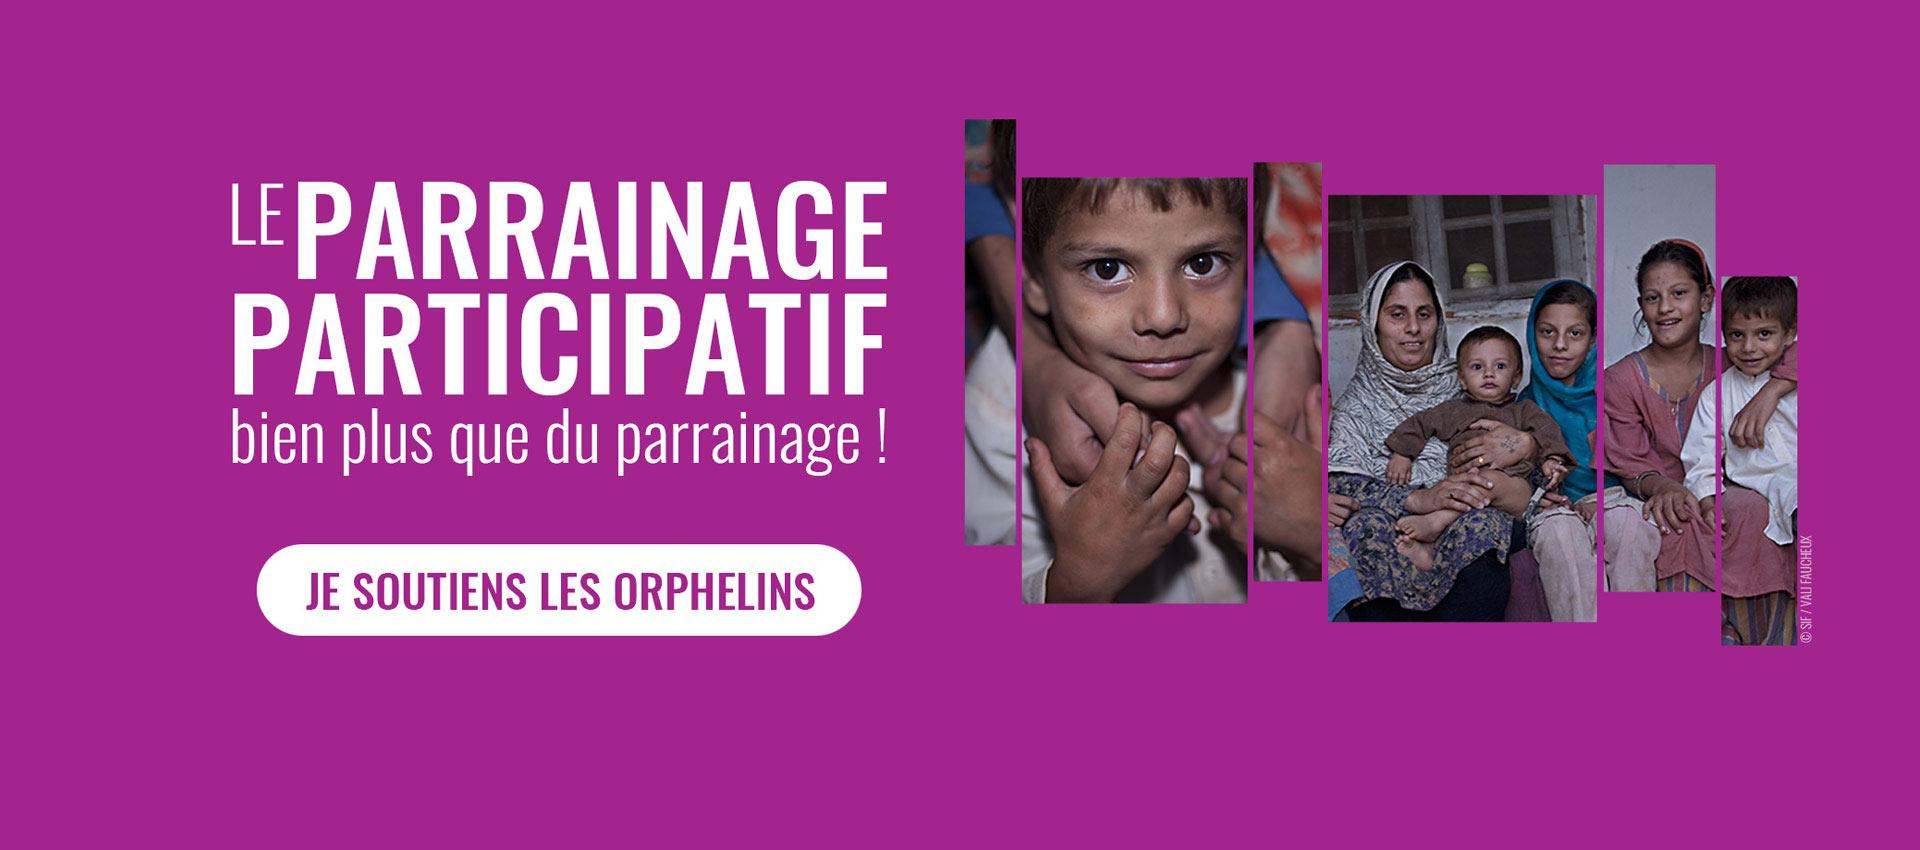 https://www.secours-islamique.org/images/Nouveau-site/carousel/big-ban-PP-2019.jpg